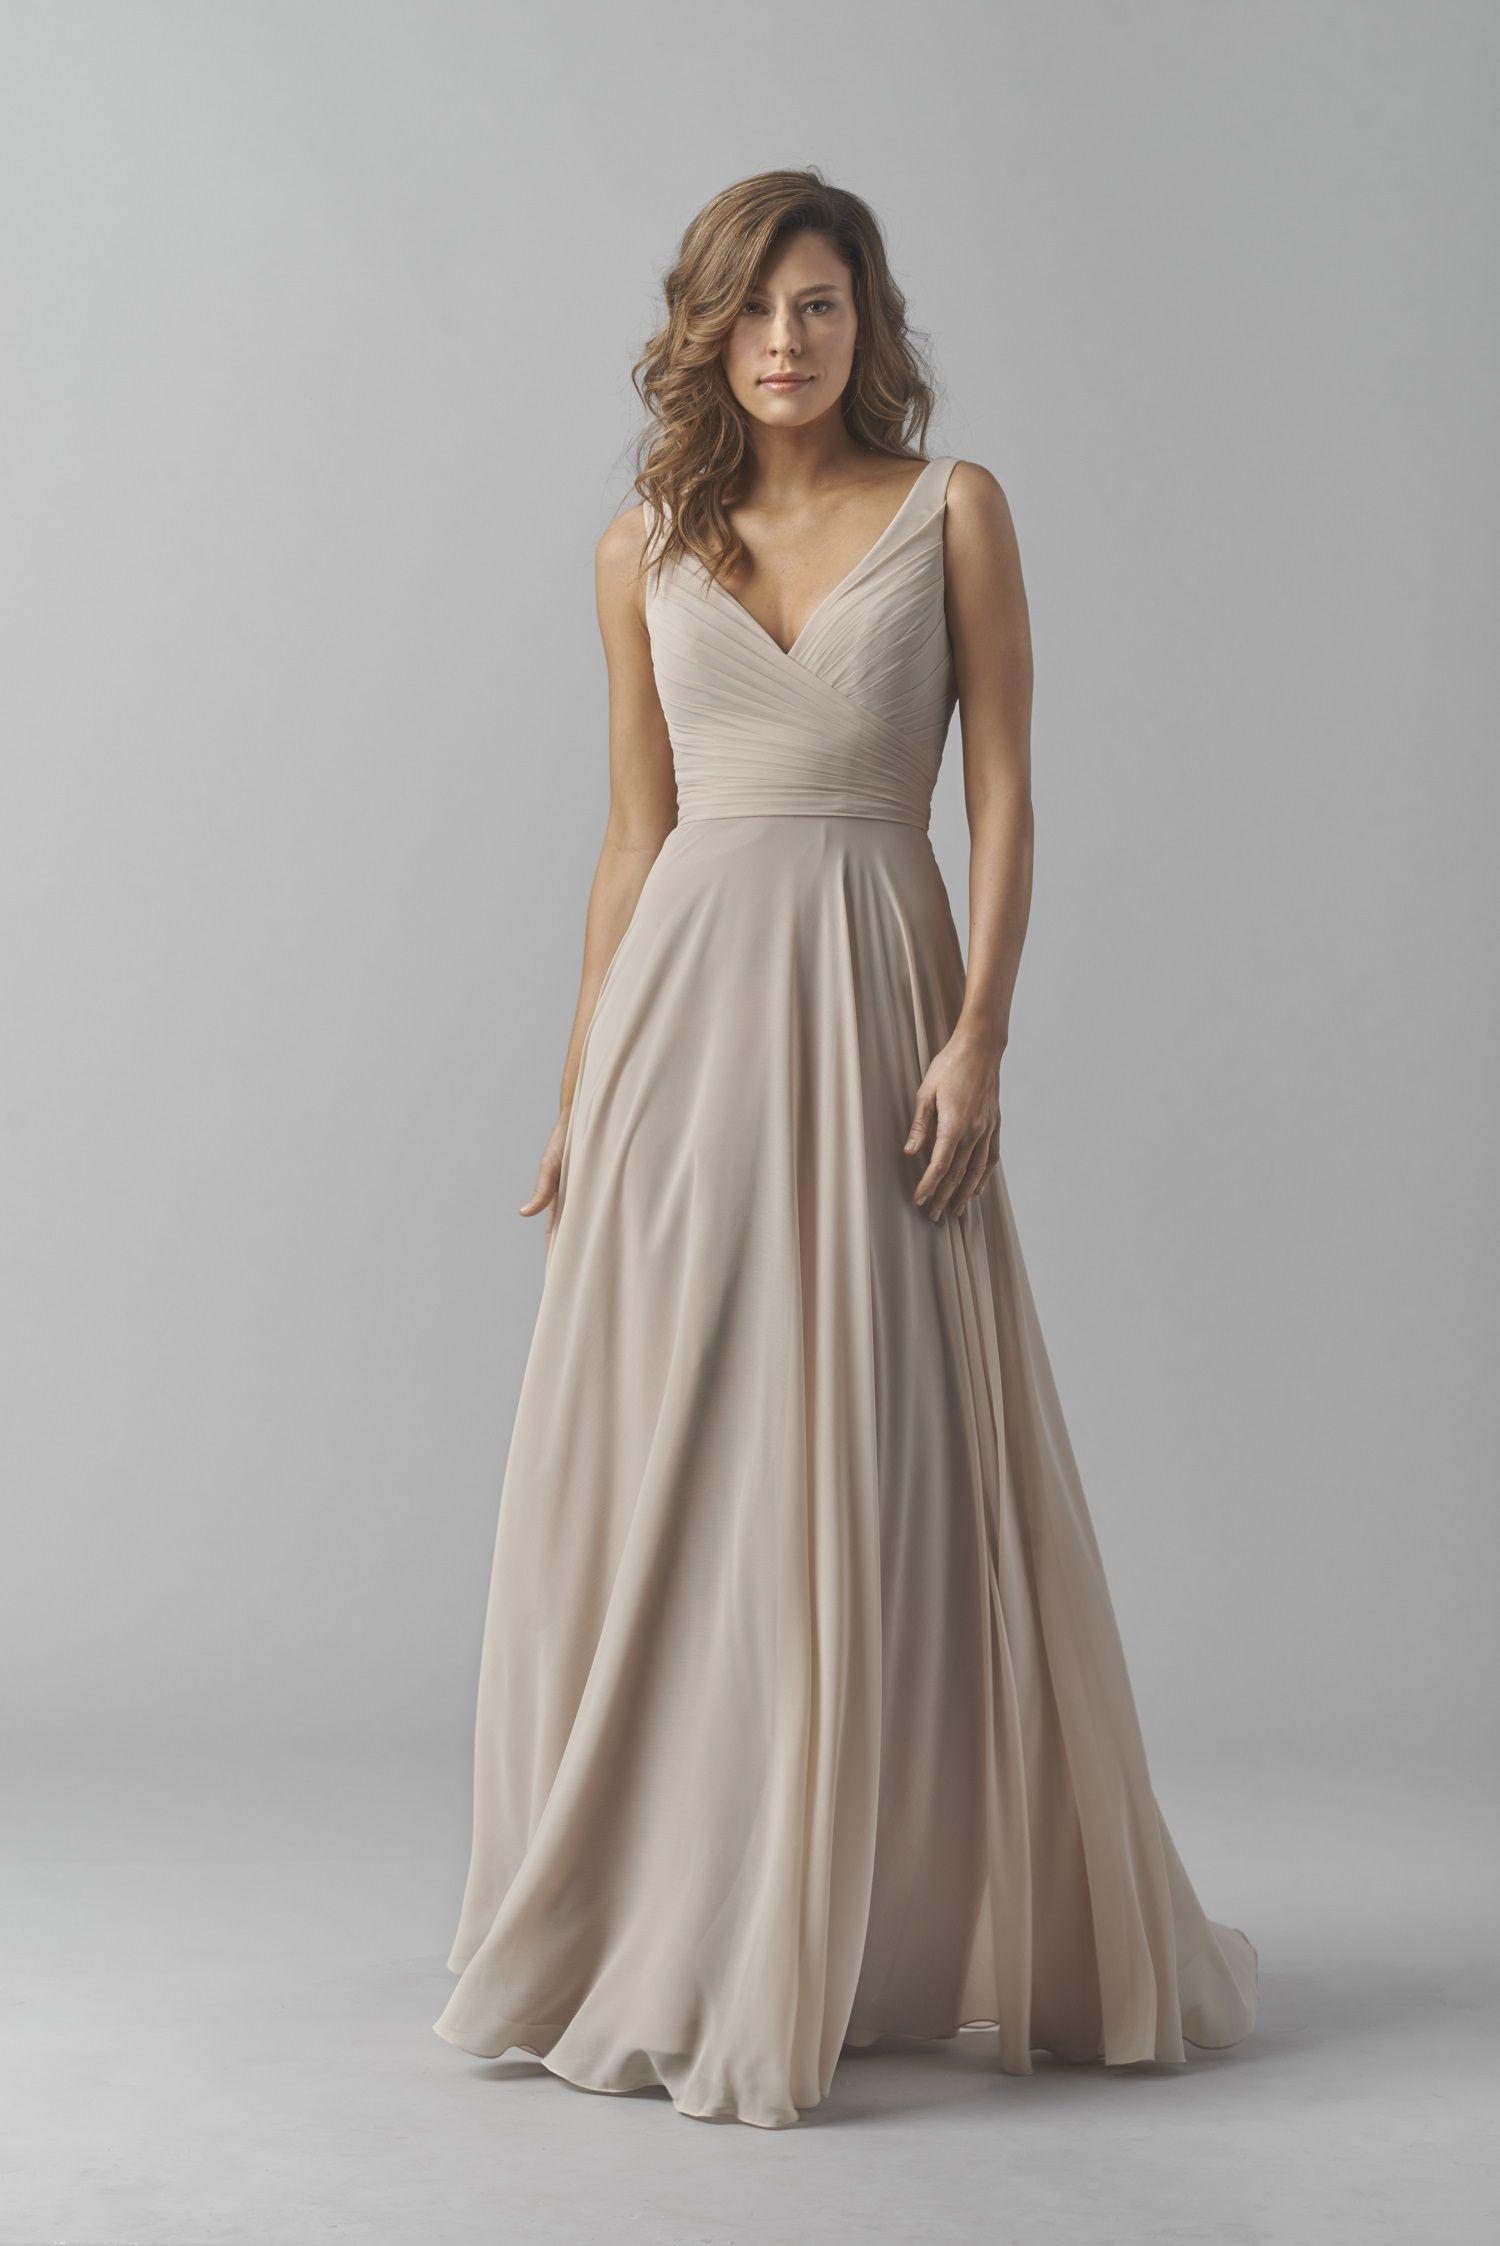 Karen bridesmaid dresses not another boring bridesmaid dress